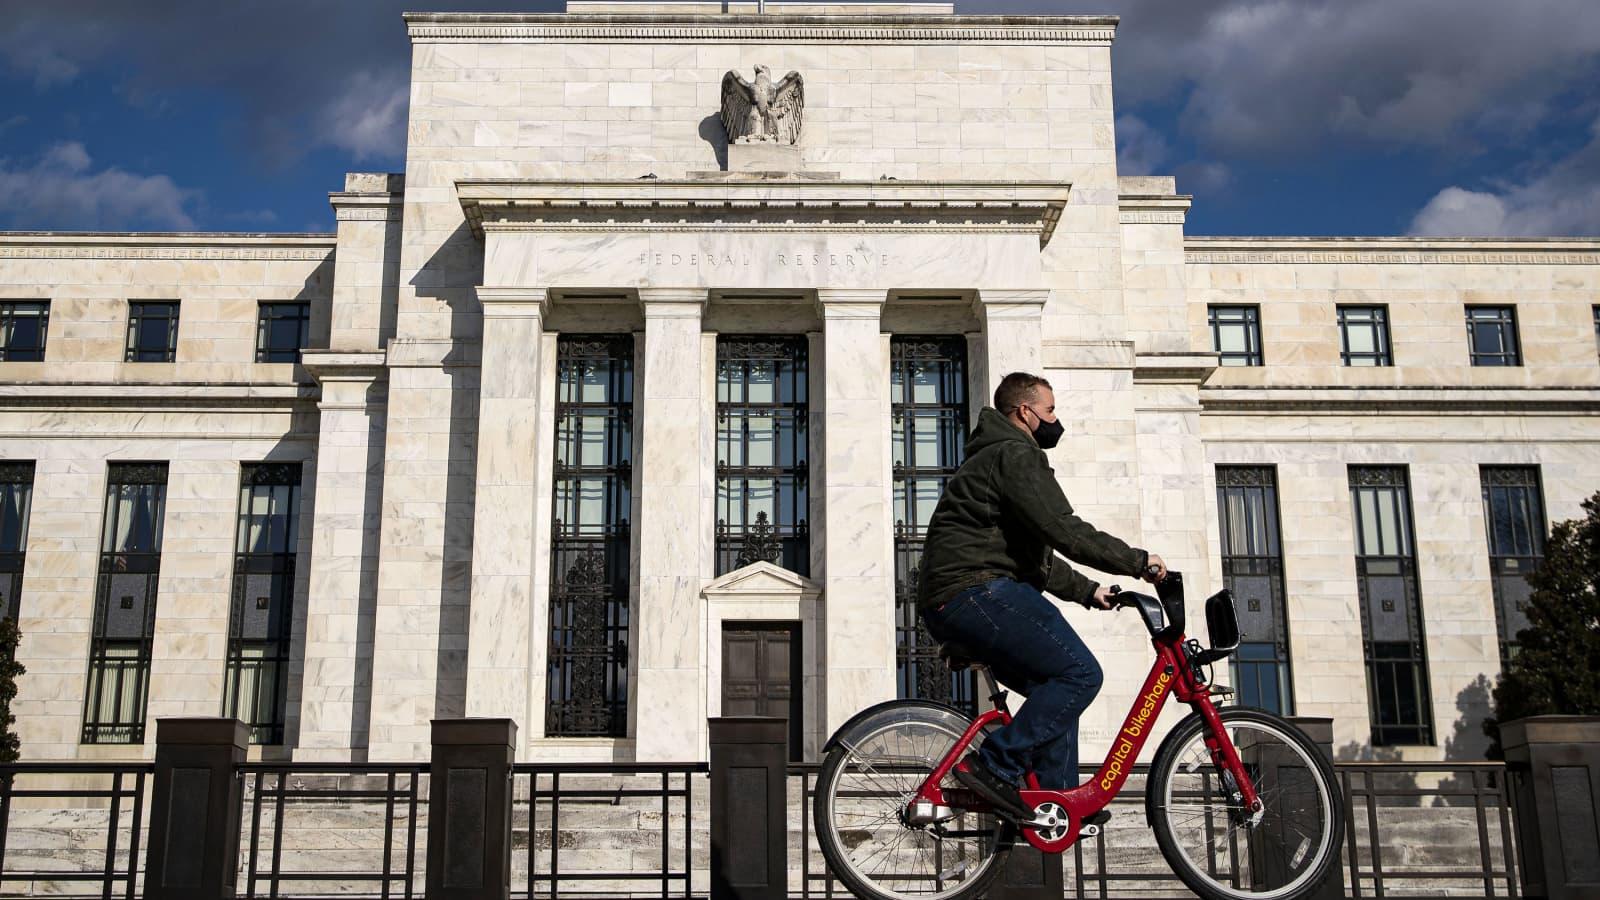 Các chuyên gia kỳ vọng Fed sẽ công bố cắt giảm chương trình mua trái phiếu vào tháng 11 - Ảnh 1.